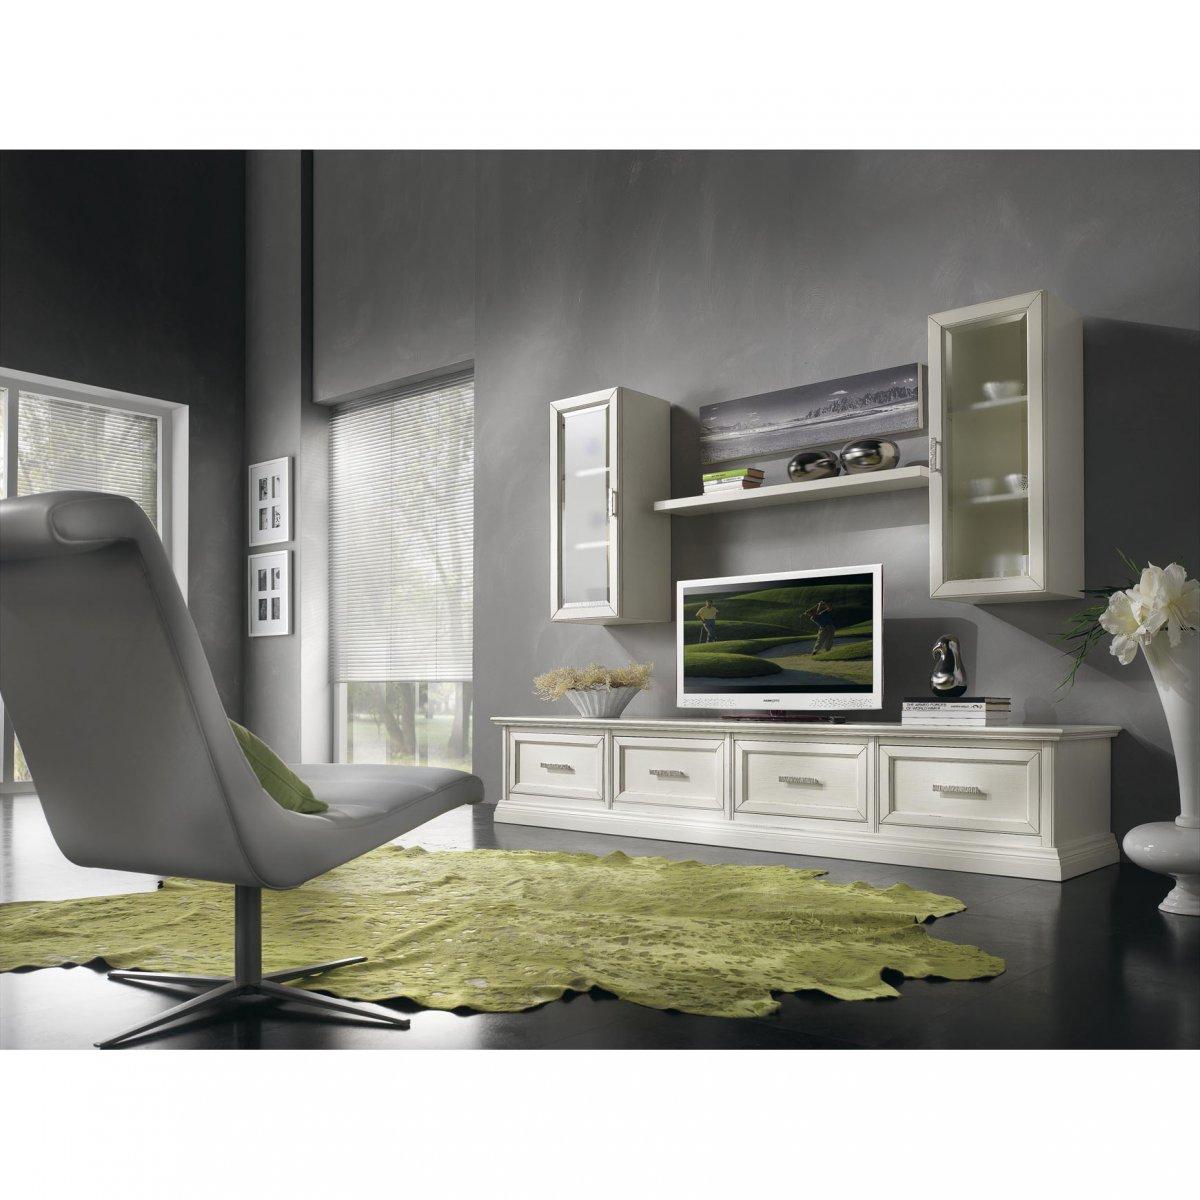 Home / laccati & decorati / pensile soggiorno / Pensile soggiorno